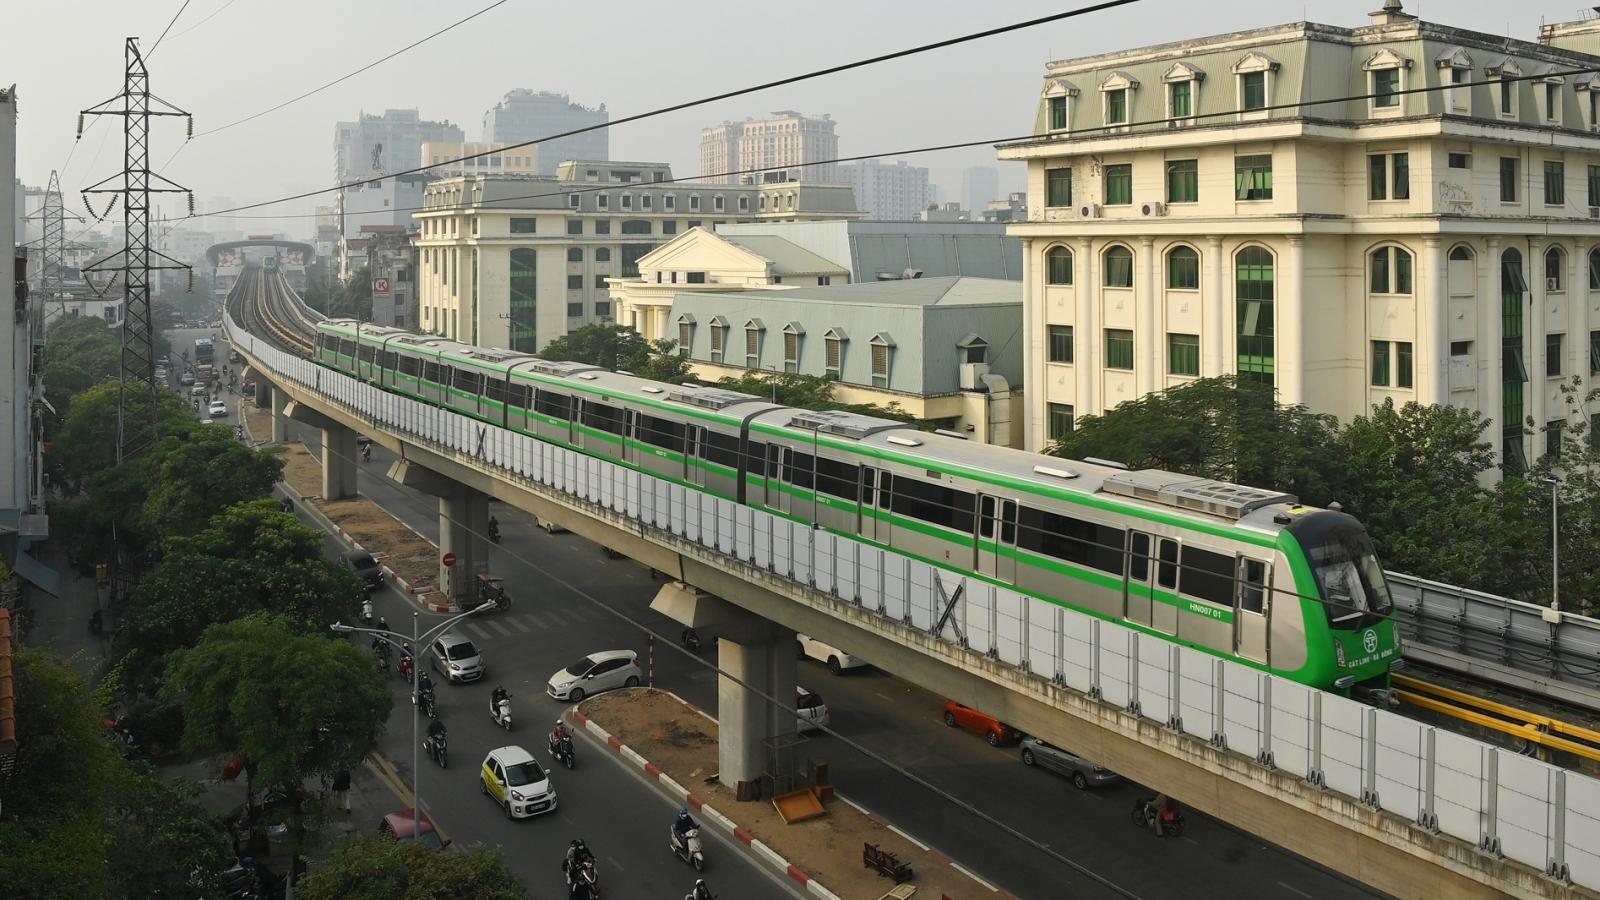 Các đoàn tàu tuyến đường sắt Cát Linh - Hà Đông đã được đăng kiểm thế nào?